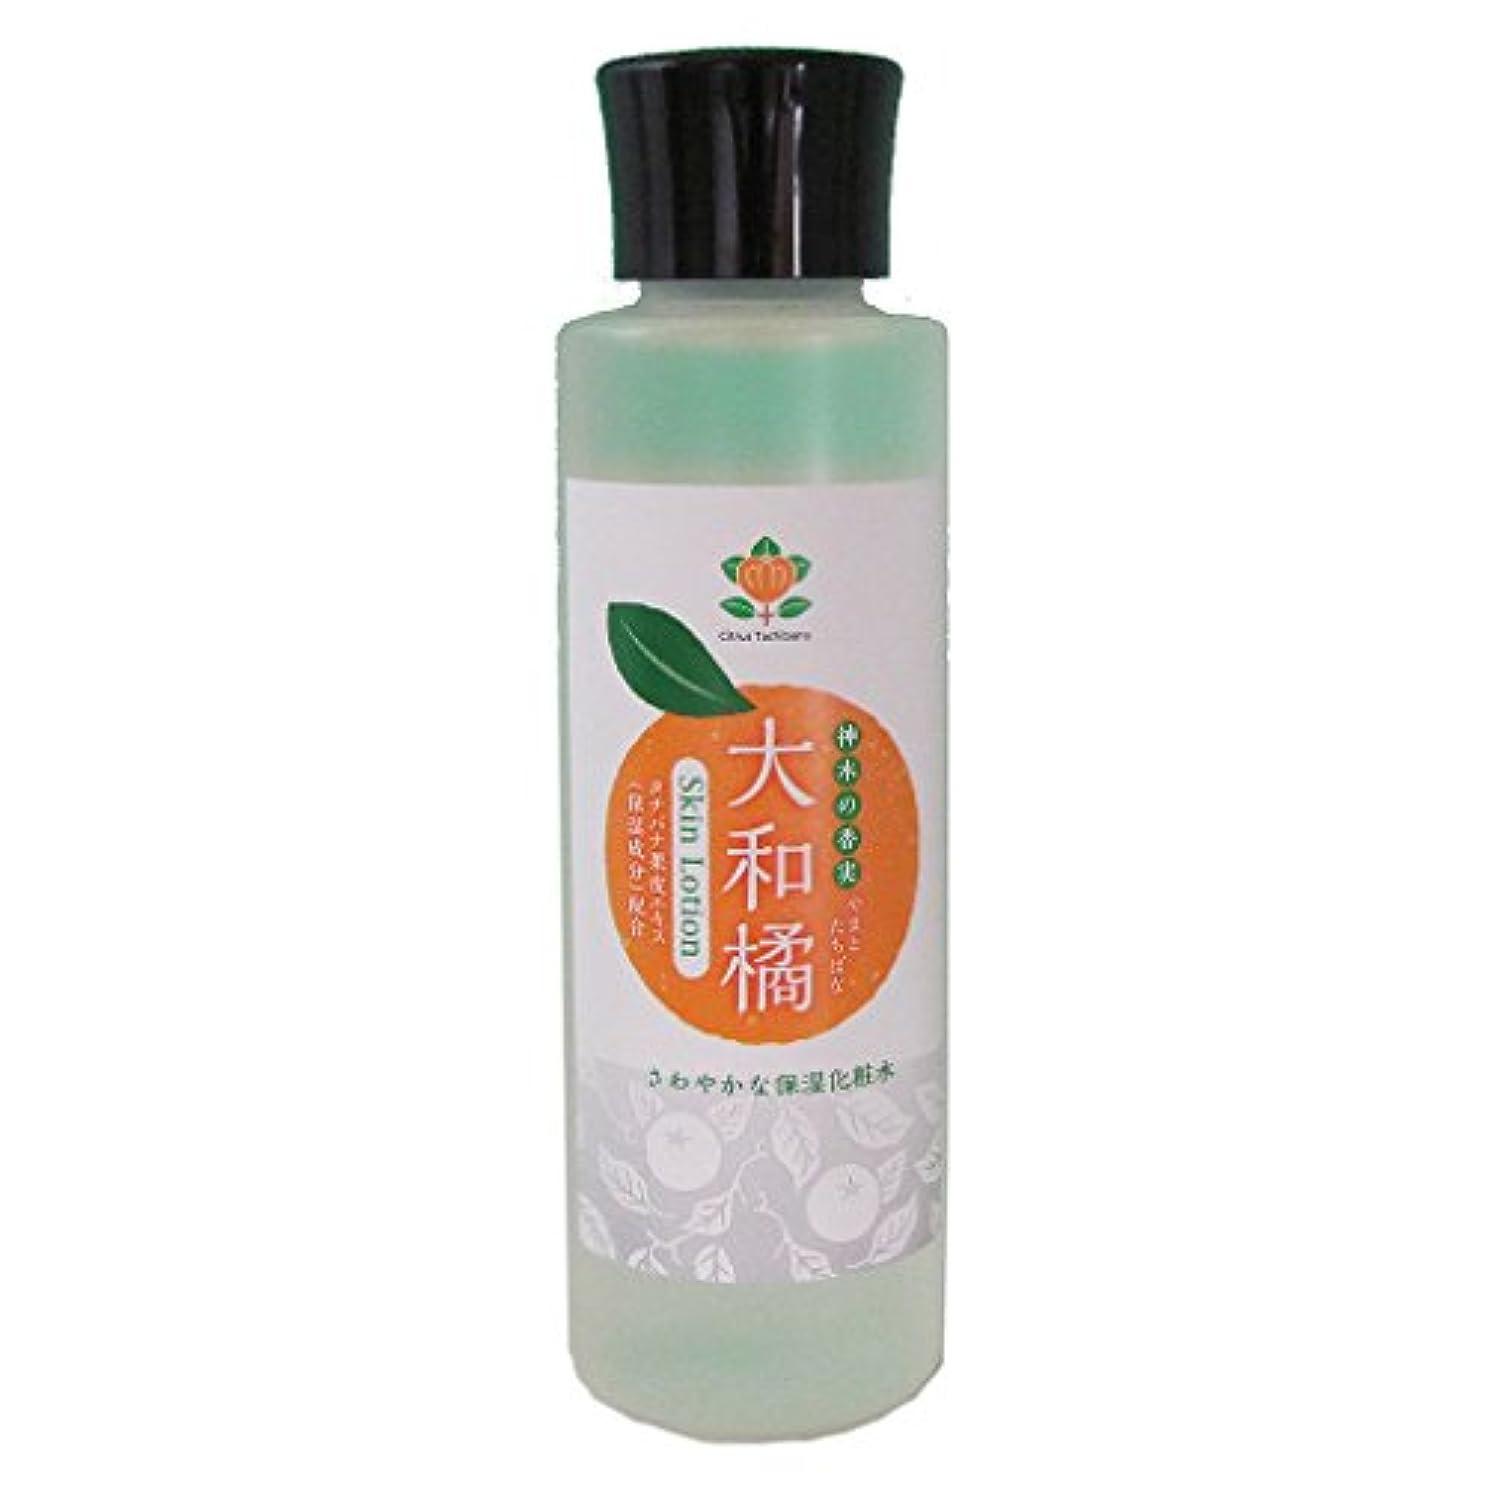 意気消沈した落ち込んでいる関与する神木の果実 大和橘さわやか保湿化粧水 150ml